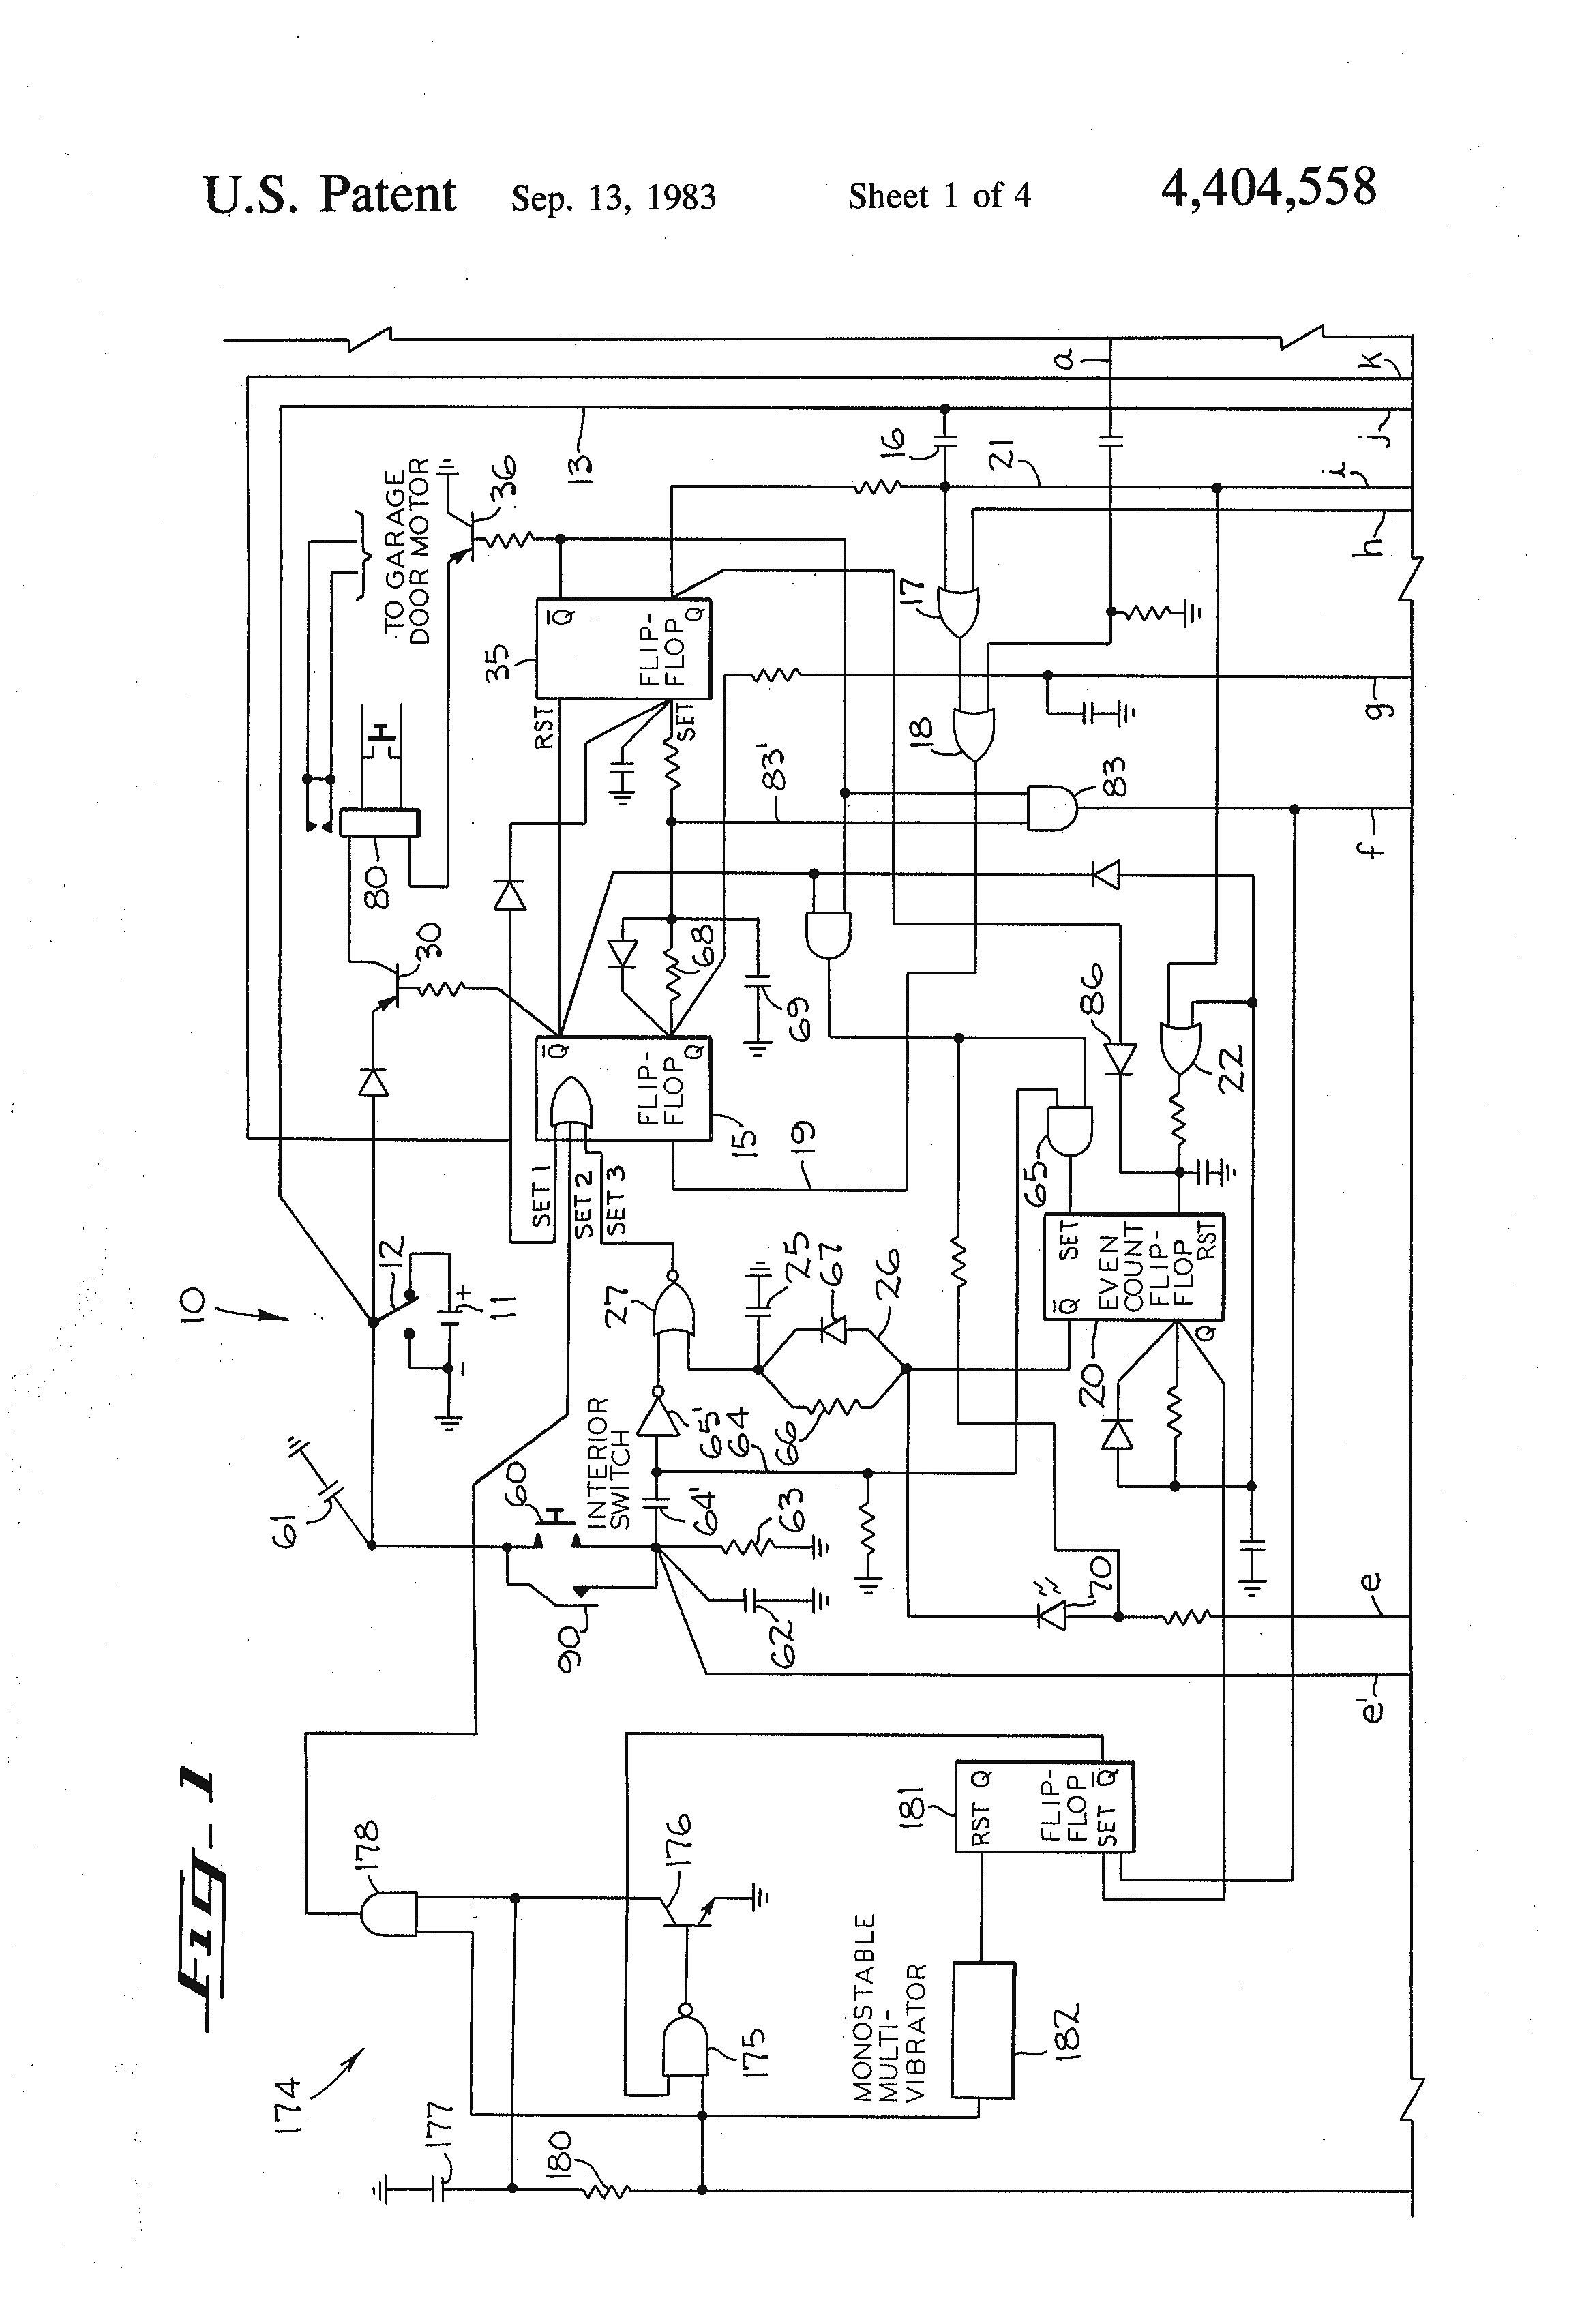 Garage Door Wiring Diagram Wiring Diagram for Garage Fresh Craftsman Garage Door Sensor Wiring Of Garage Door Wiring Diagram